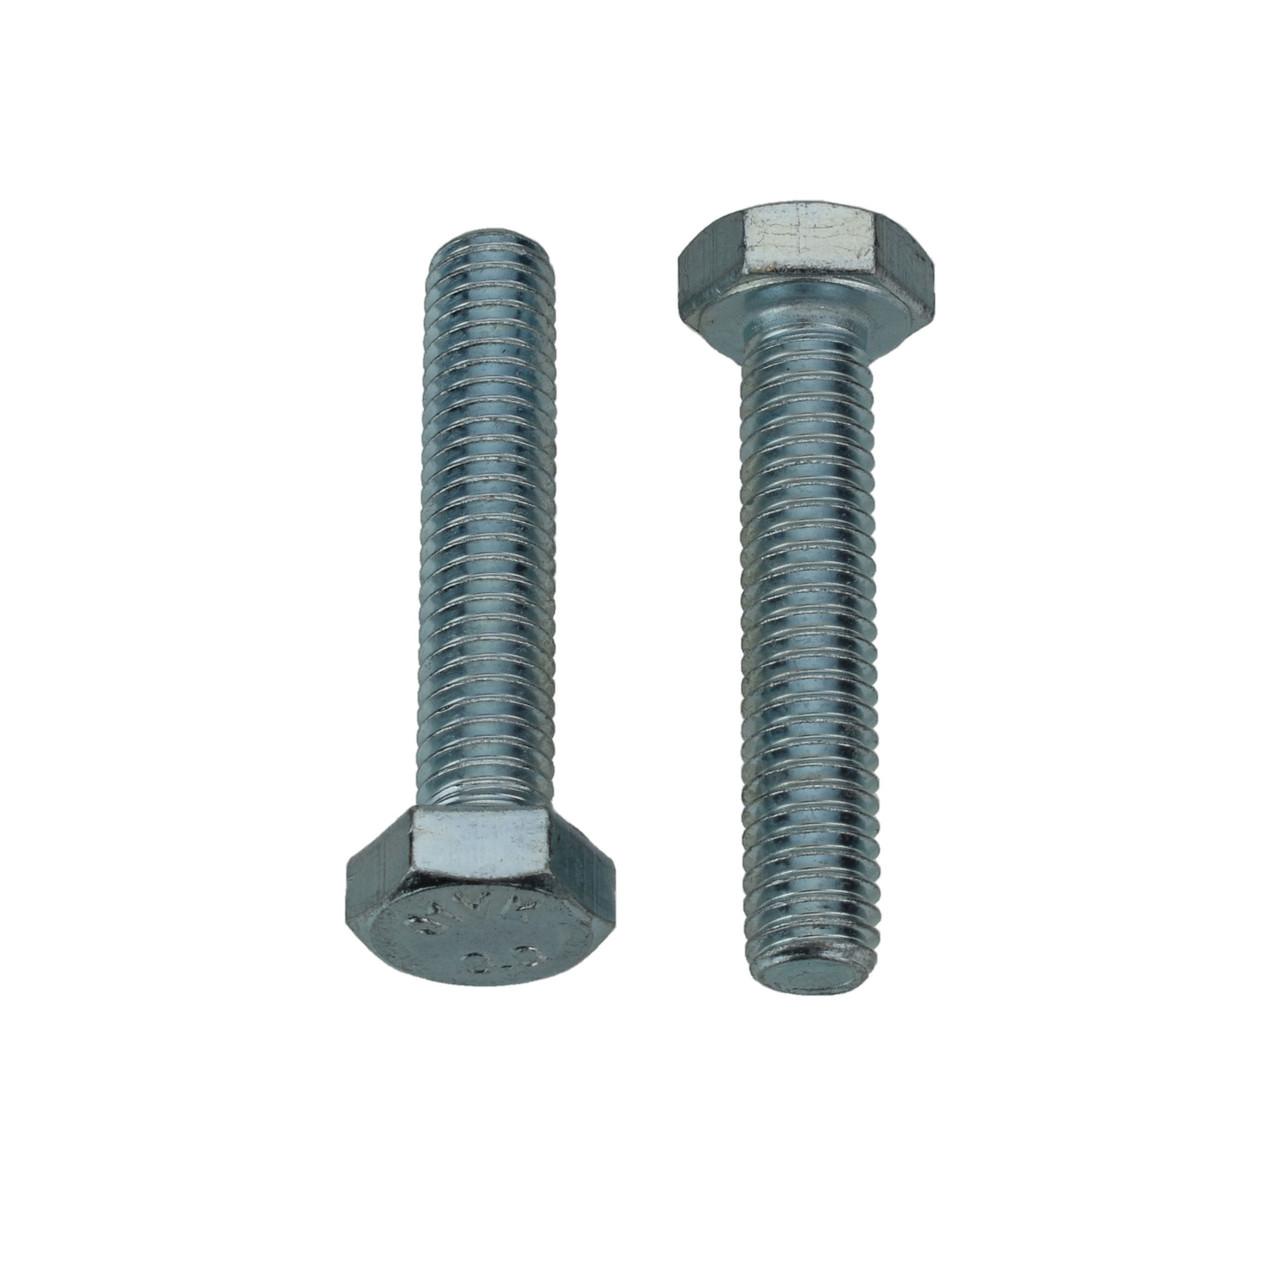 M6-1.0 x30mm Hex Head Bolt - Interchange: Auveco 14411 Disco 879pk